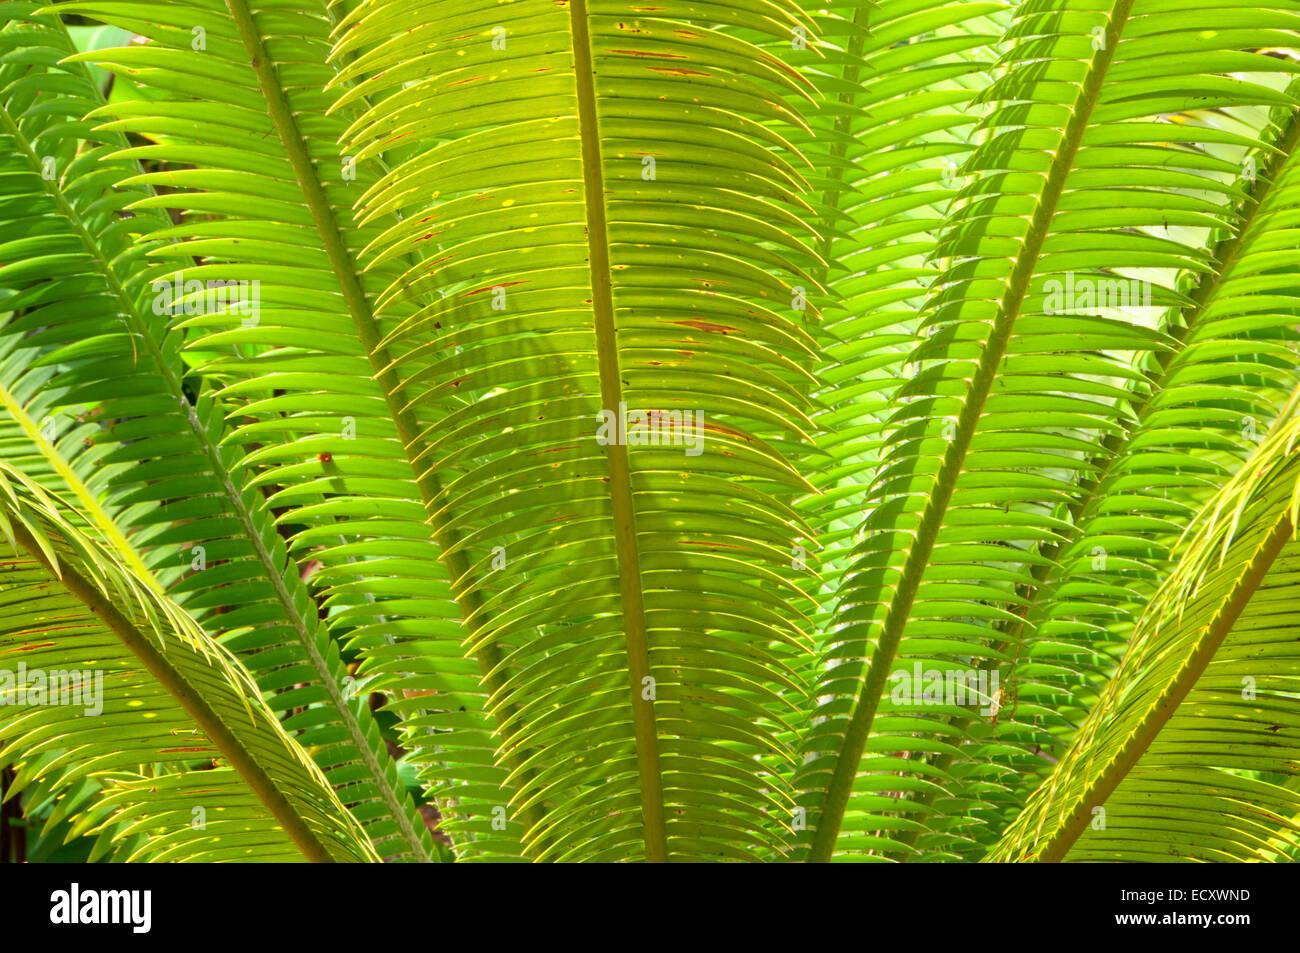 Zamia Stockfotos & Zamia Bilder - Alamy